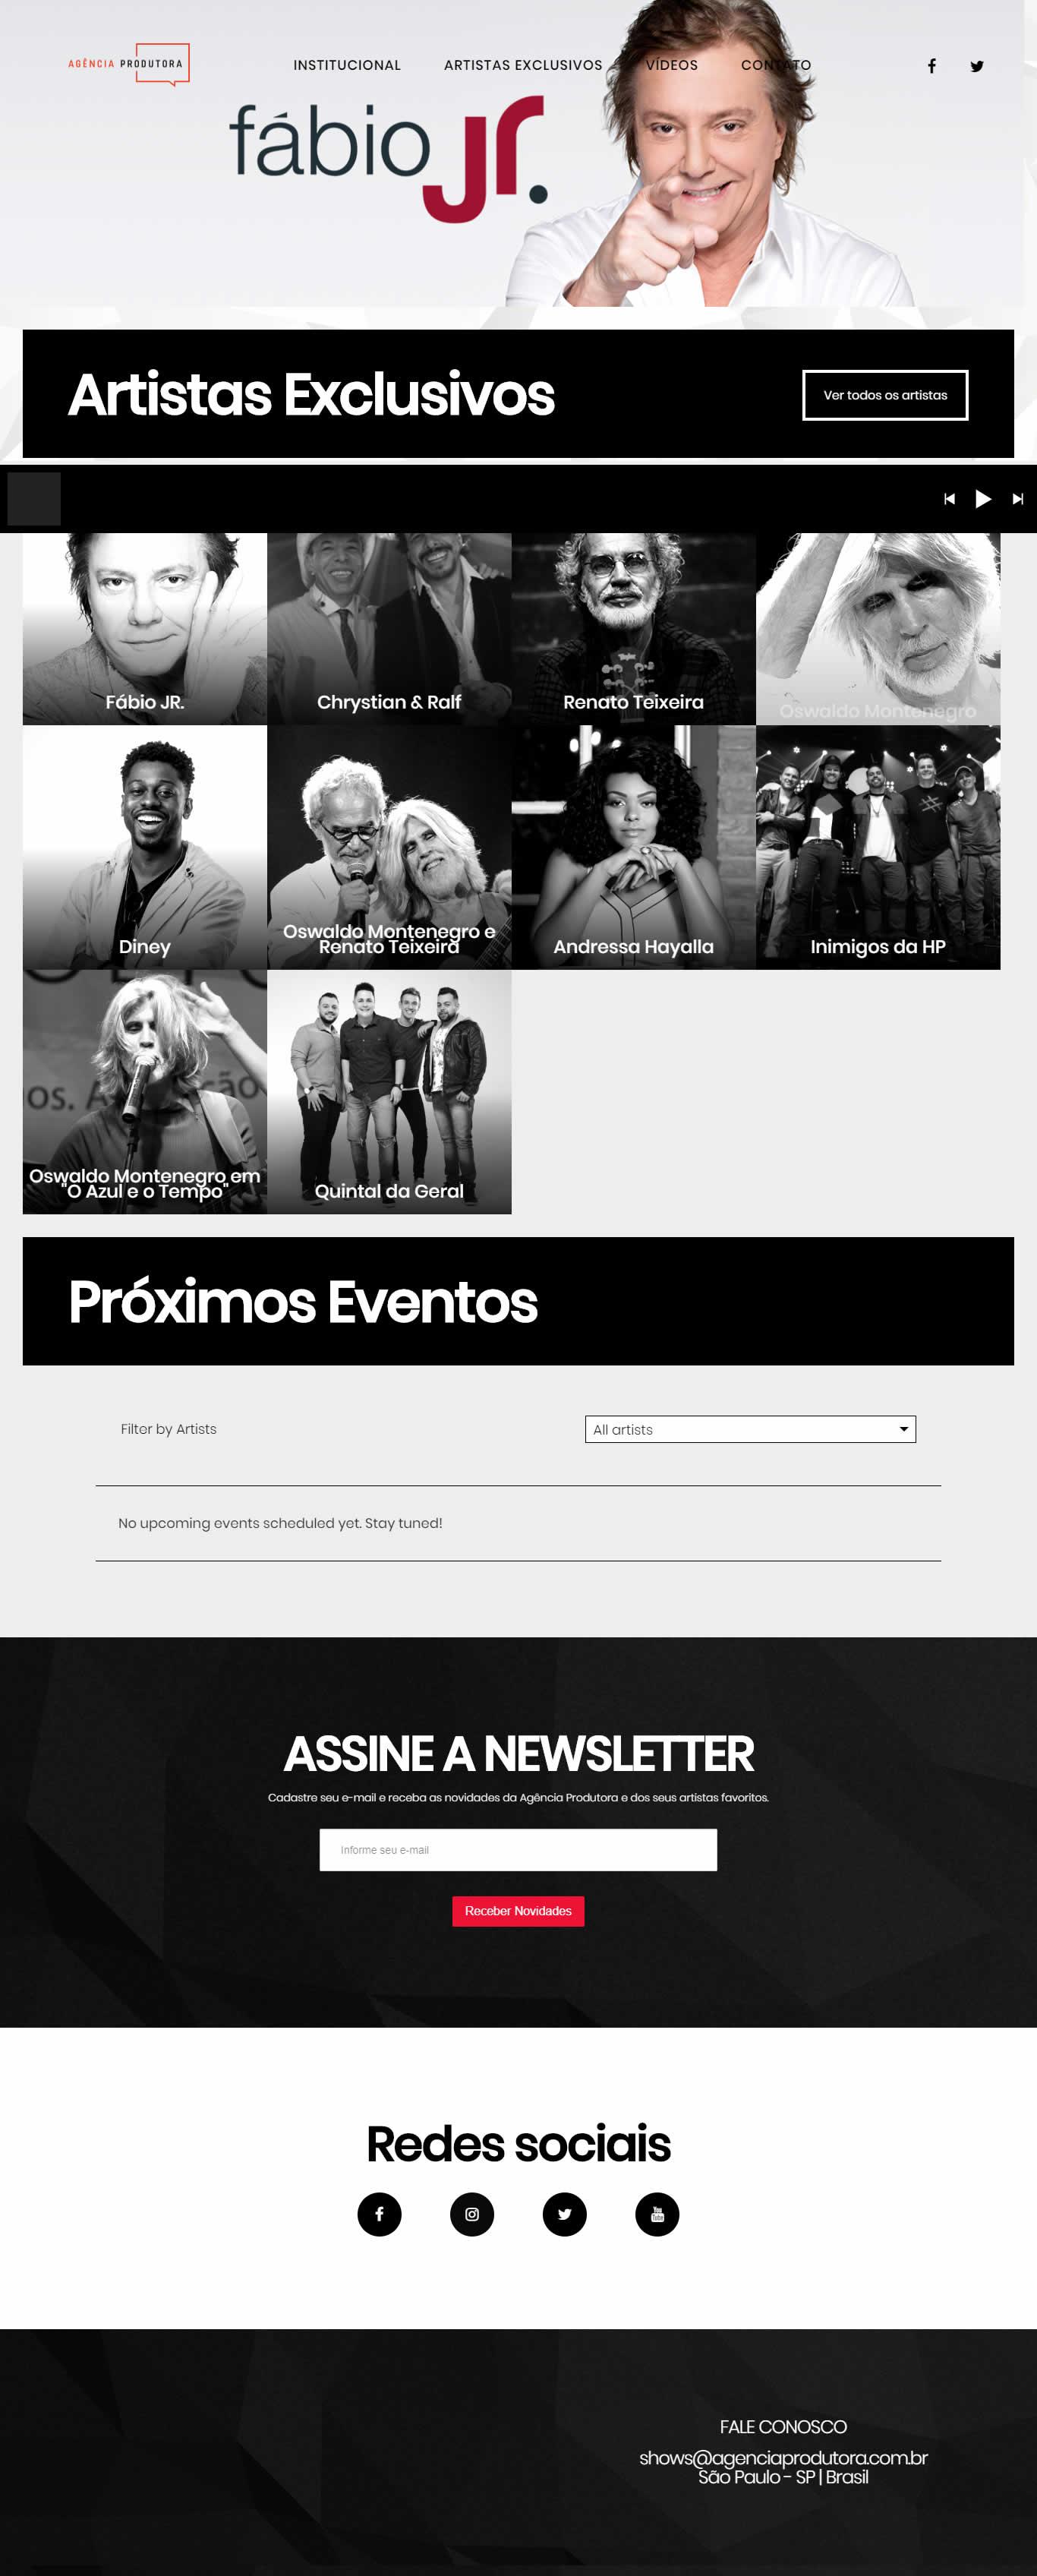 agenciaprodutora.com.br - Agencia Produtora